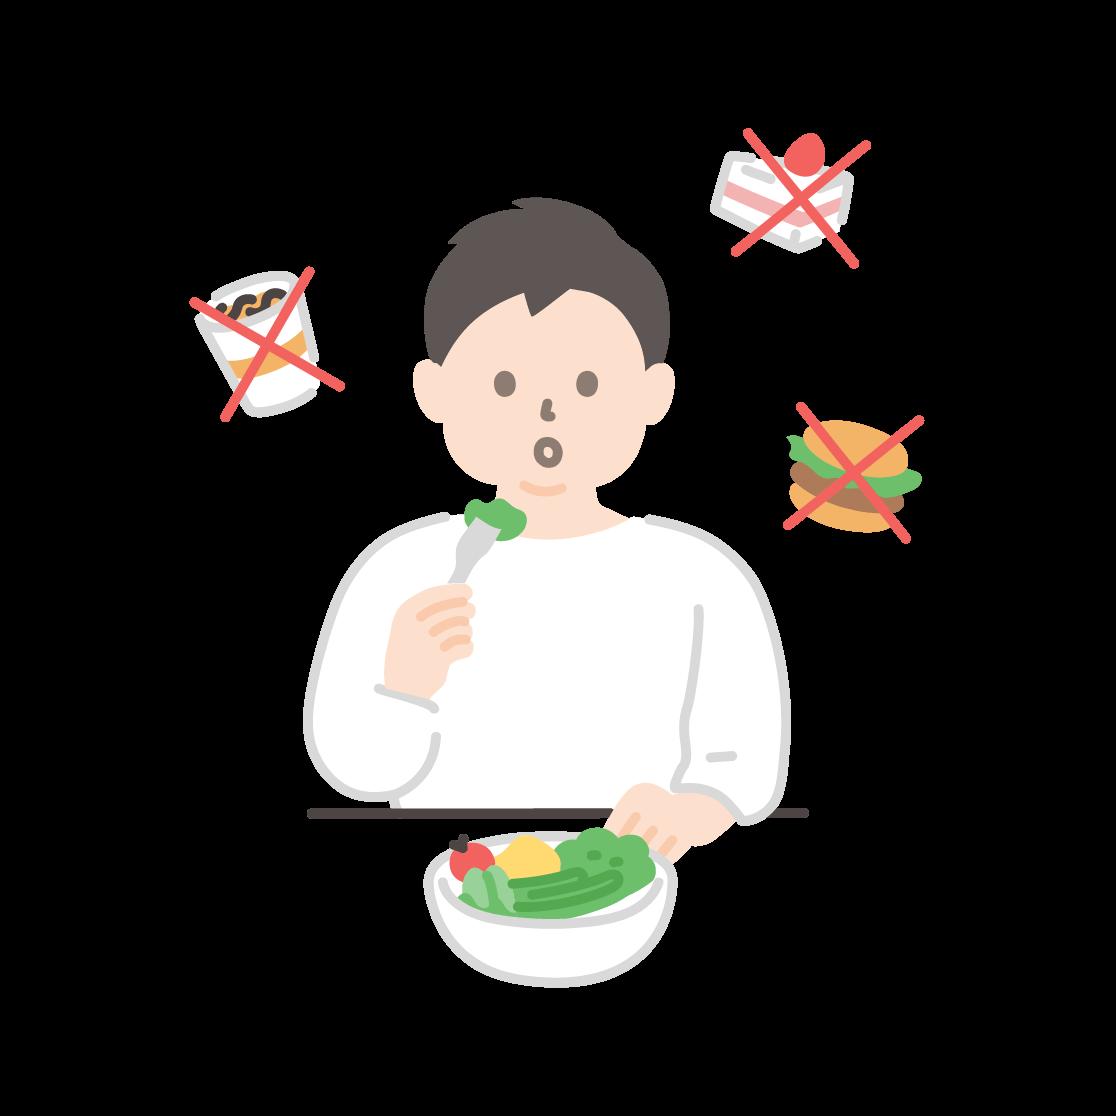 食事制限をする男性のイラスト(塗り)